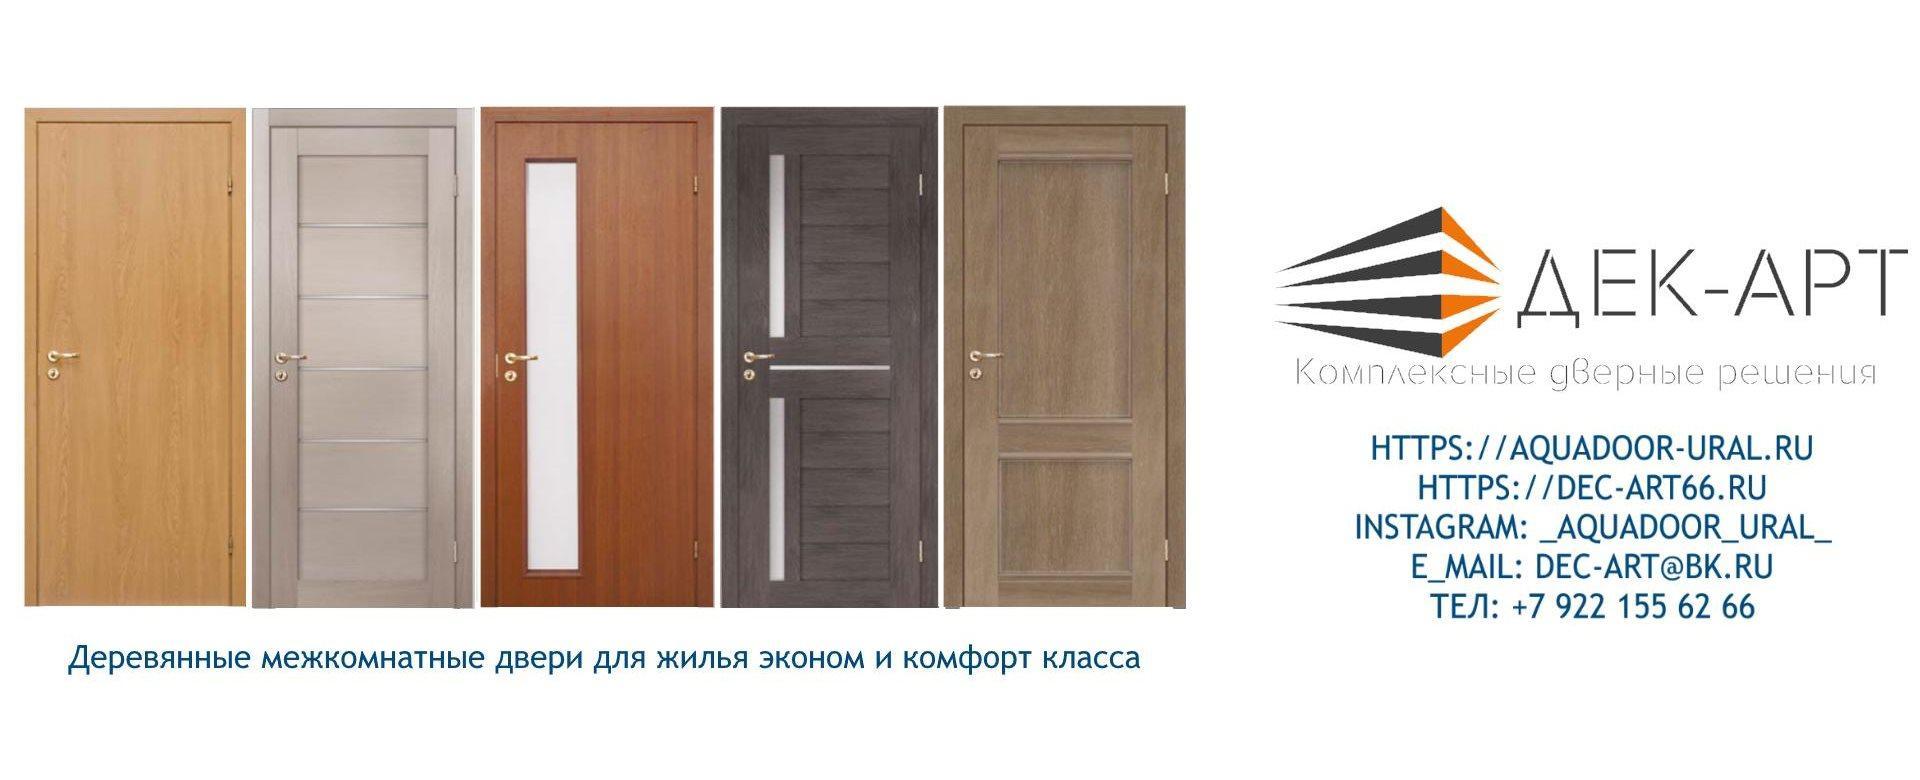 Двери деревянные для жилья эконом и комфорт класса